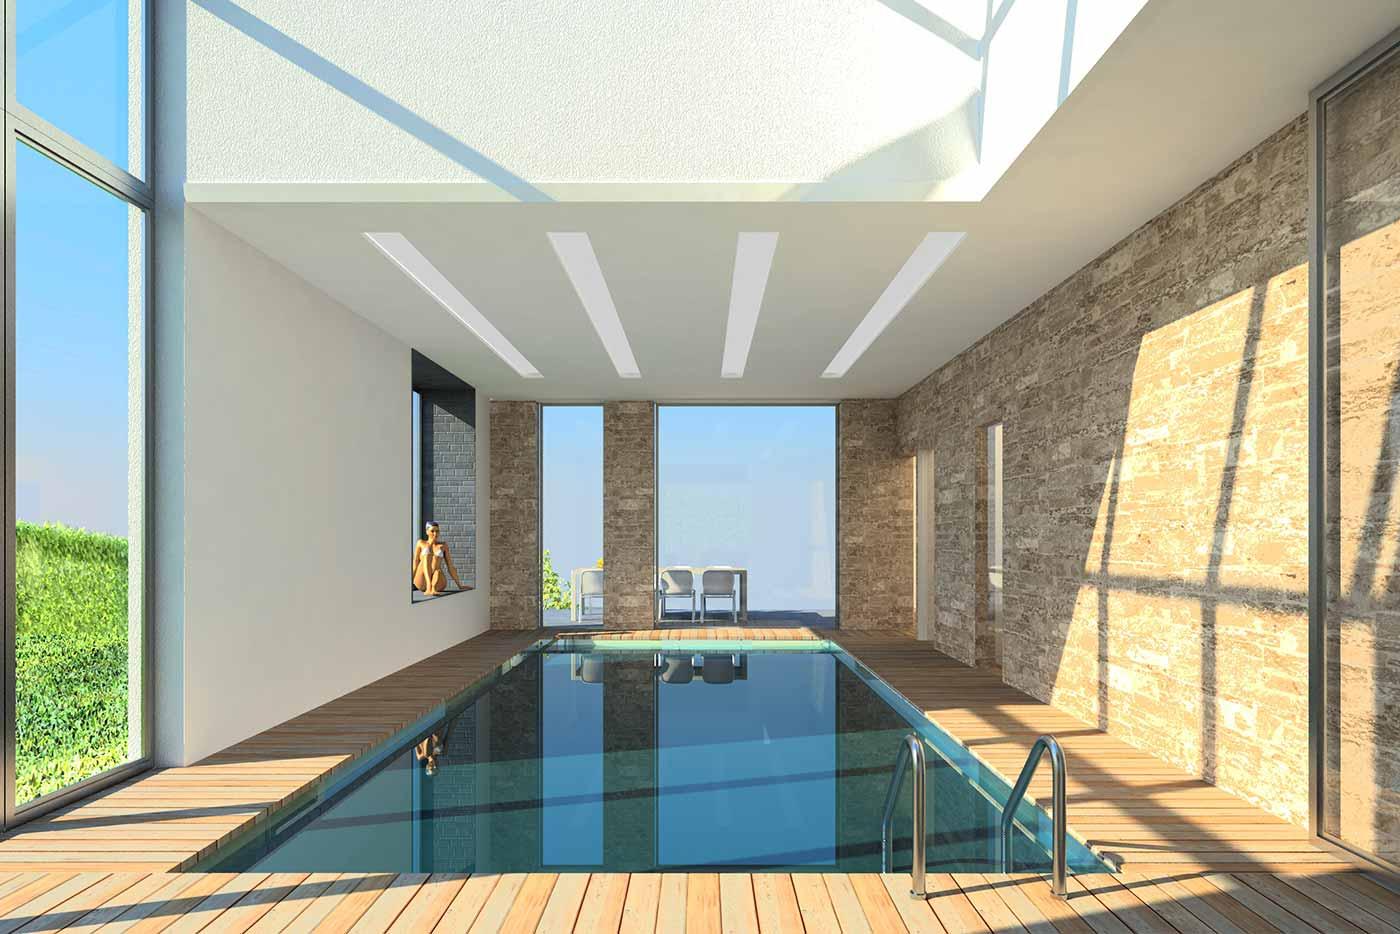 maison alfa bear architectes agence architecture jeremy biermann architecte dplg. Black Bedroom Furniture Sets. Home Design Ideas